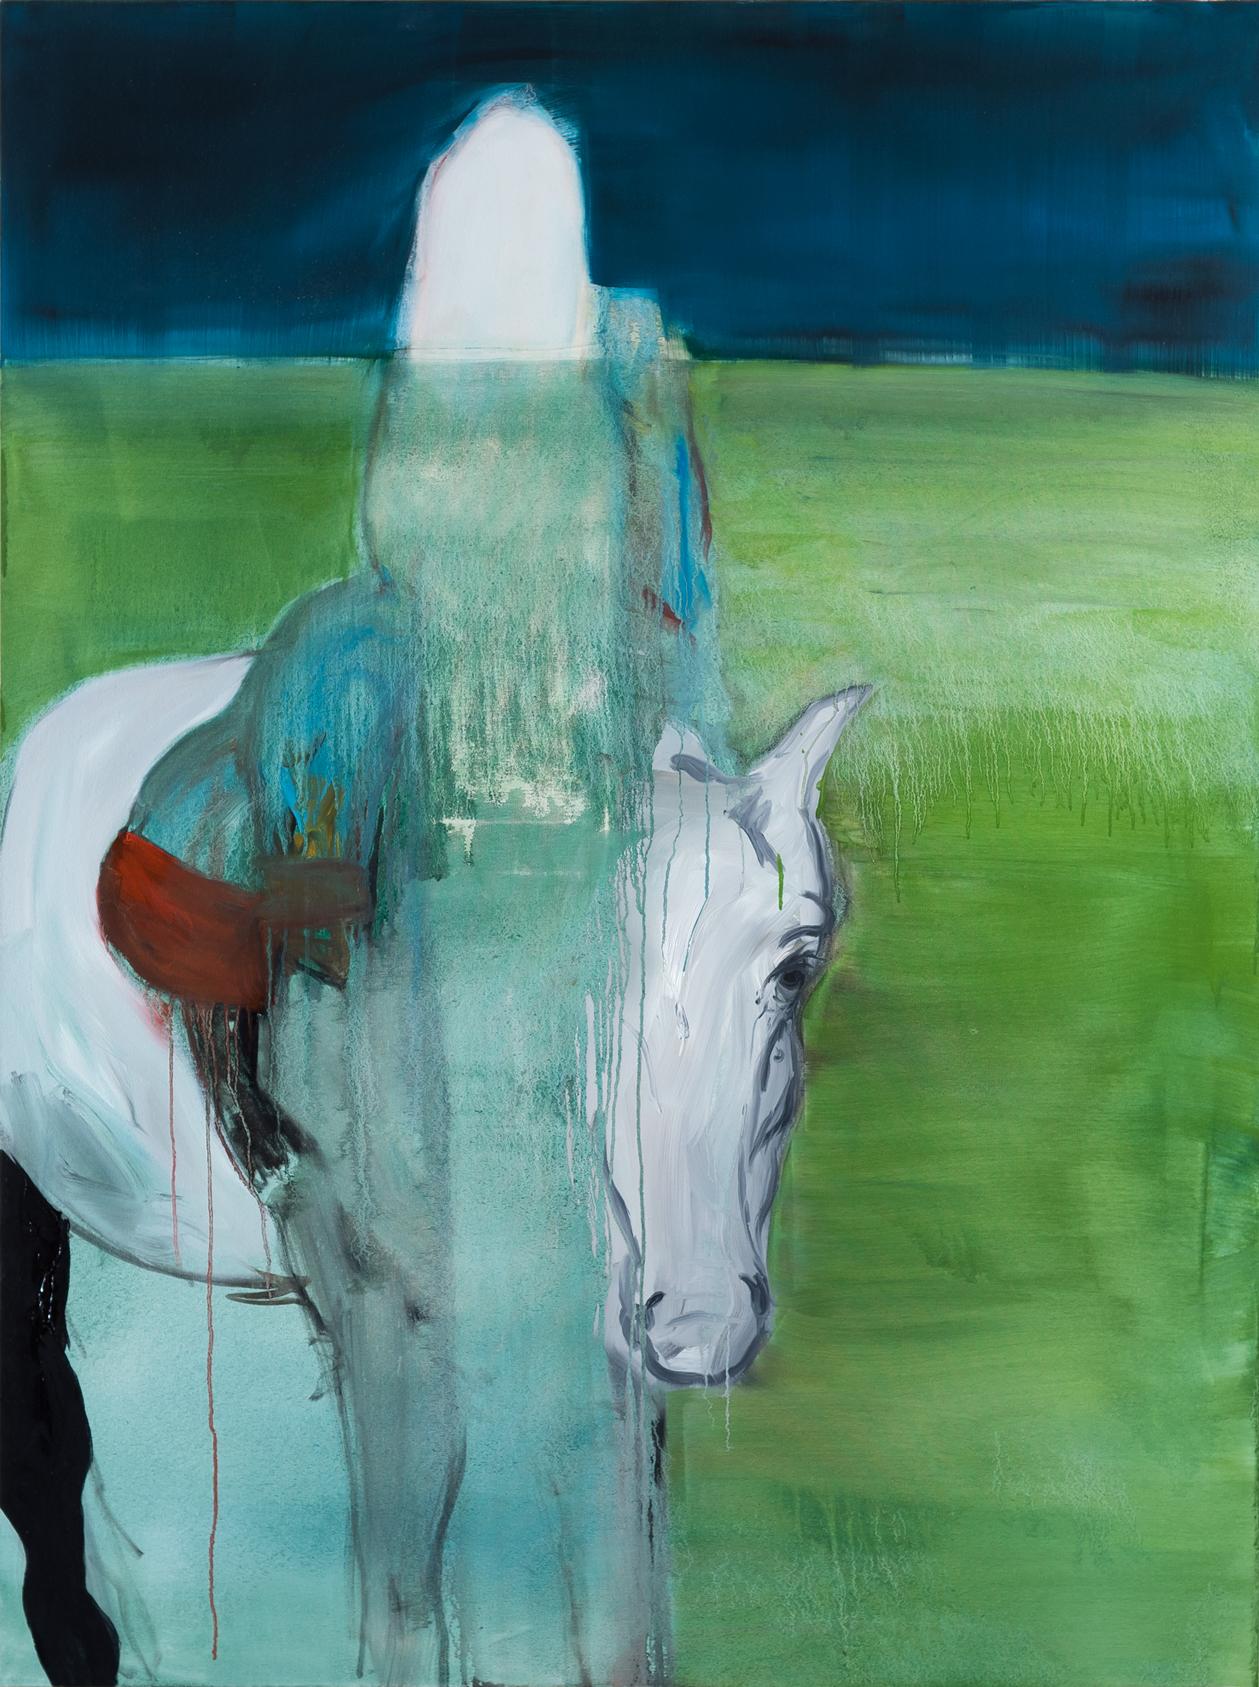 White Horse  2015  Tinta óleo sobre tela  160 x 120 cm   Coleção particular